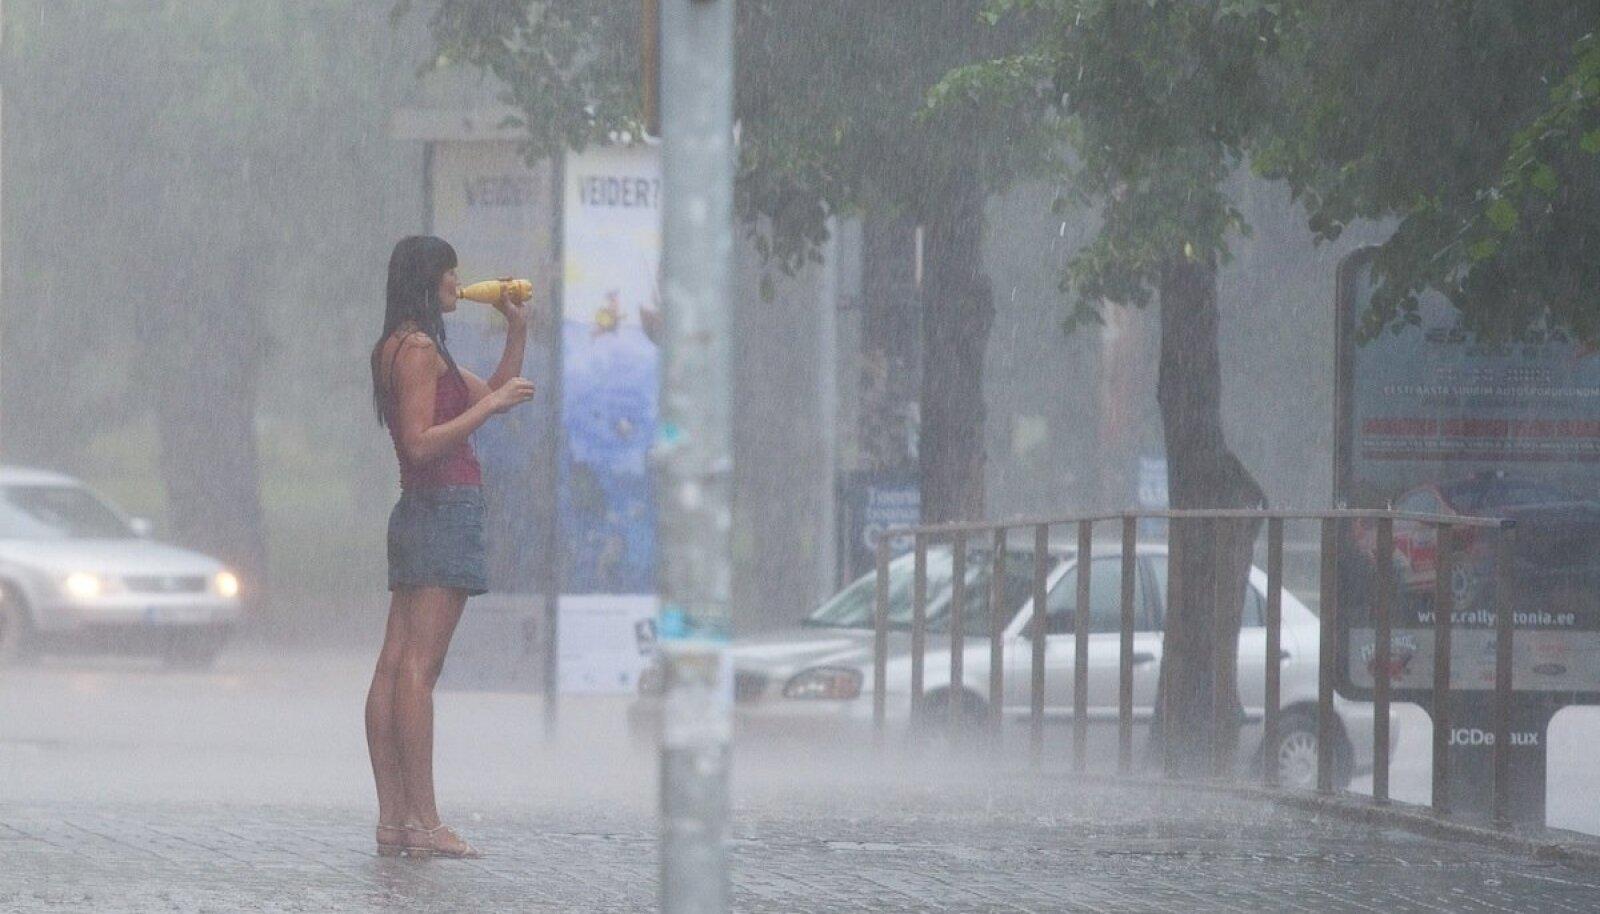 Sademete hulk on ületanud tavalise kuu keskmise normi